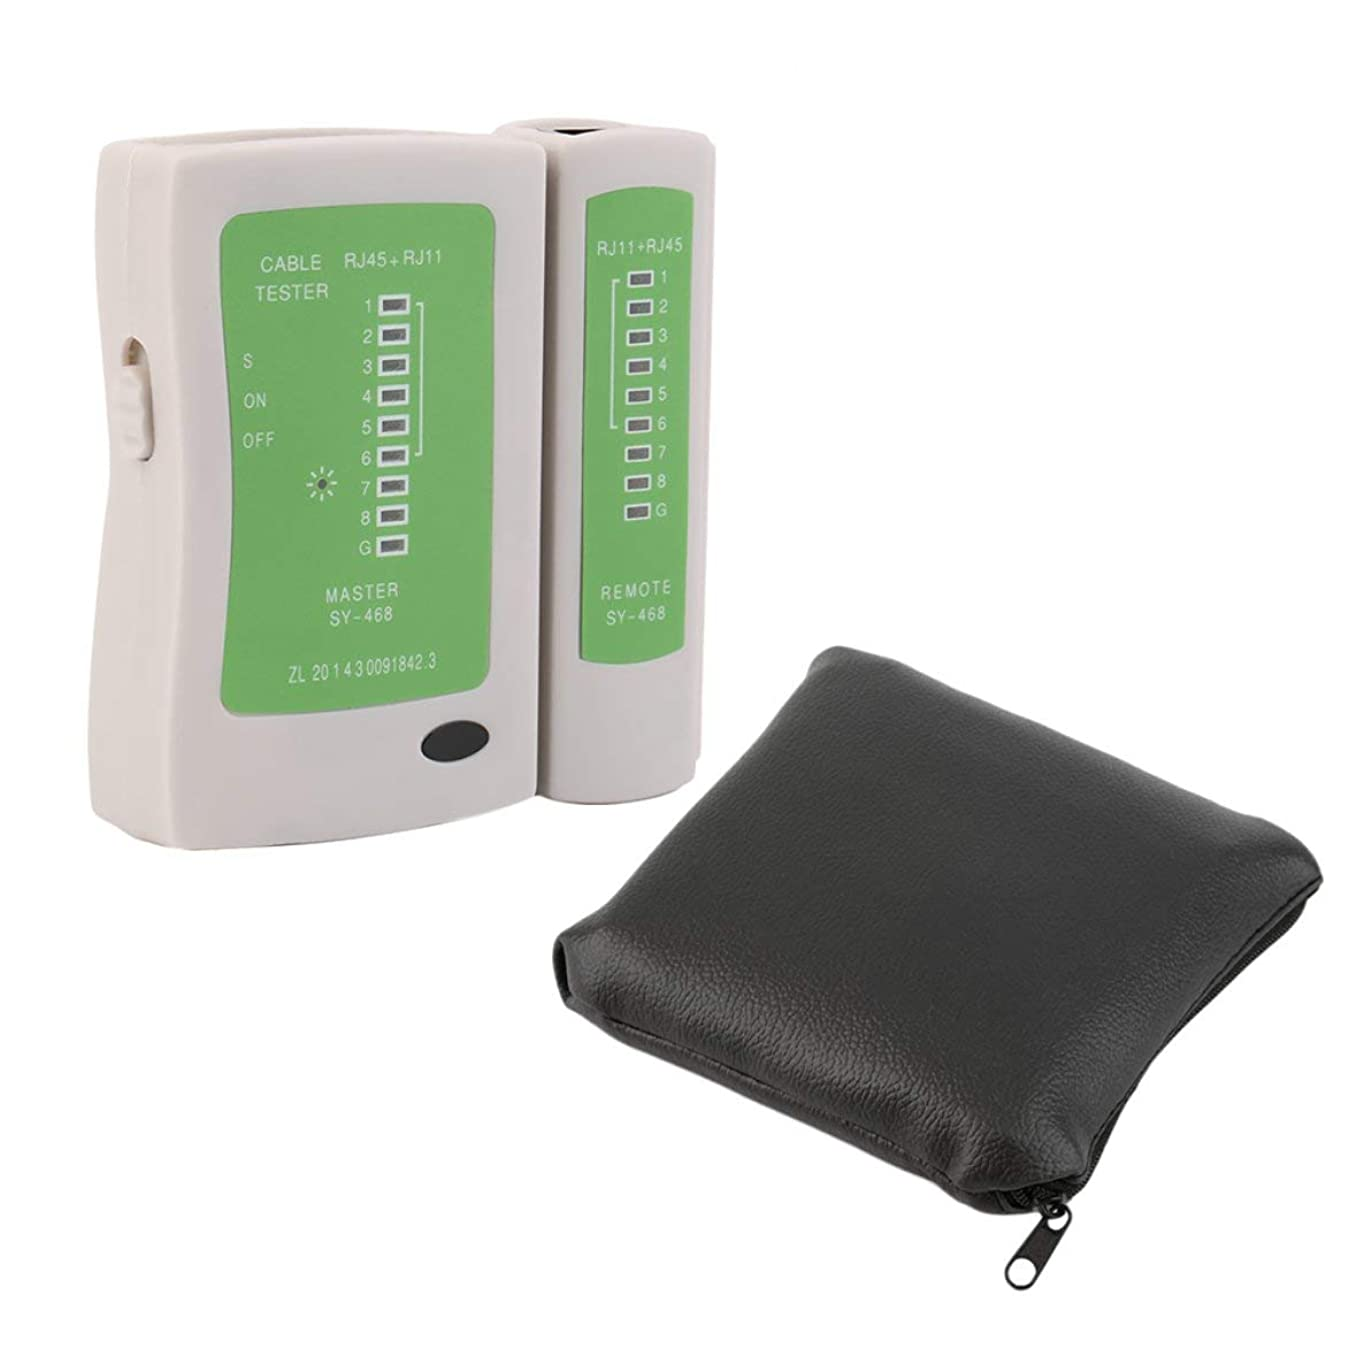 ロードブロッキング購入鉱夫Tivollyff プロフェッショナルRJ45 RJ11 RJ12 CAT5 UTPネットワークLAN USBケーブルテスター検出器リモートテストツールネットワーキングツール